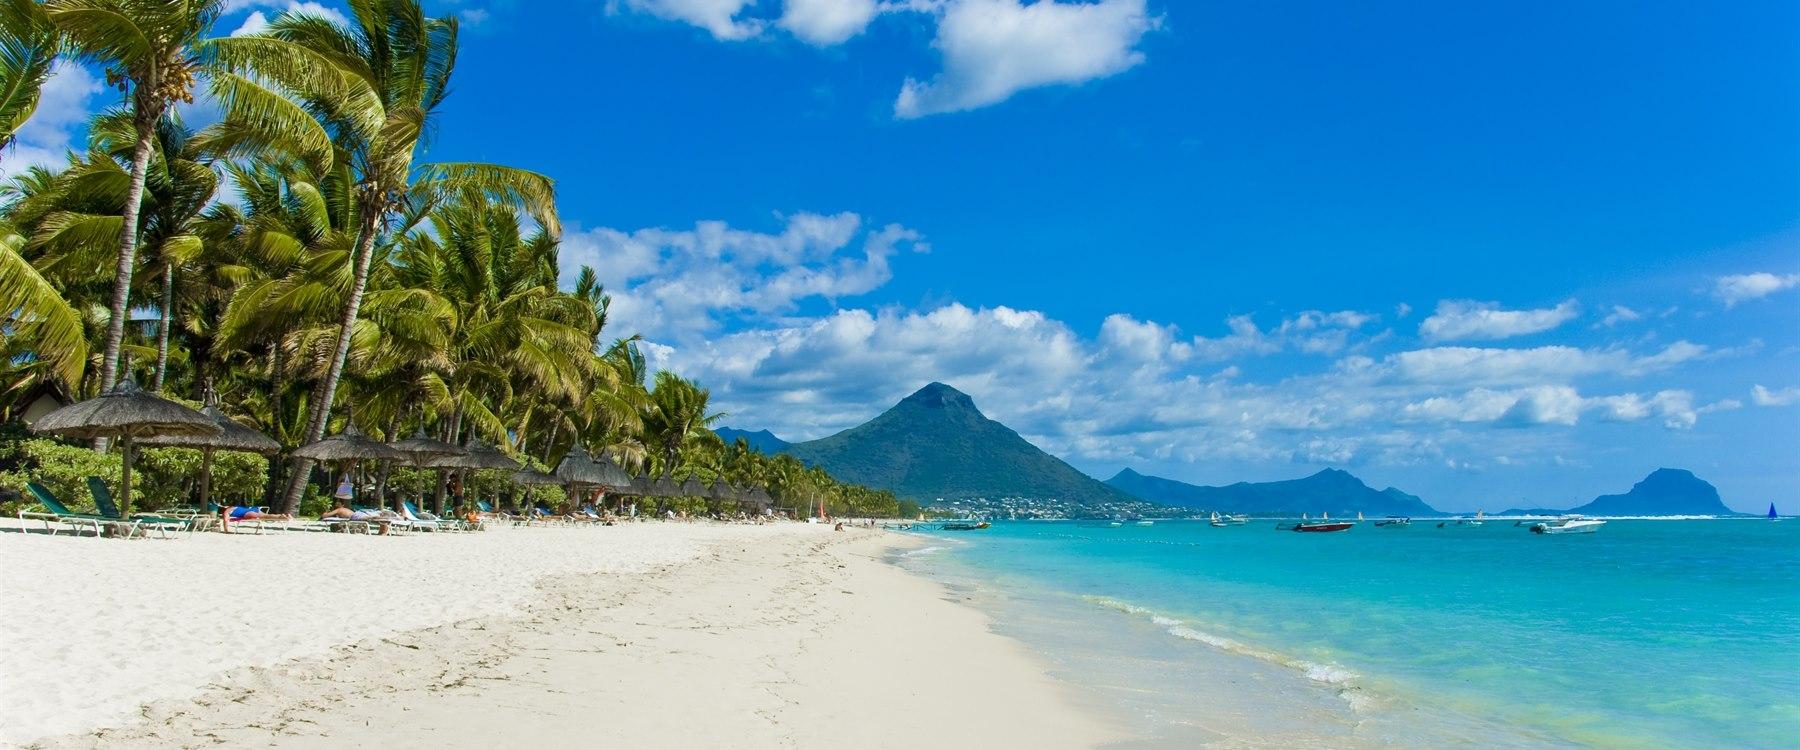 mauritius holidays luxury holidays to mauritius